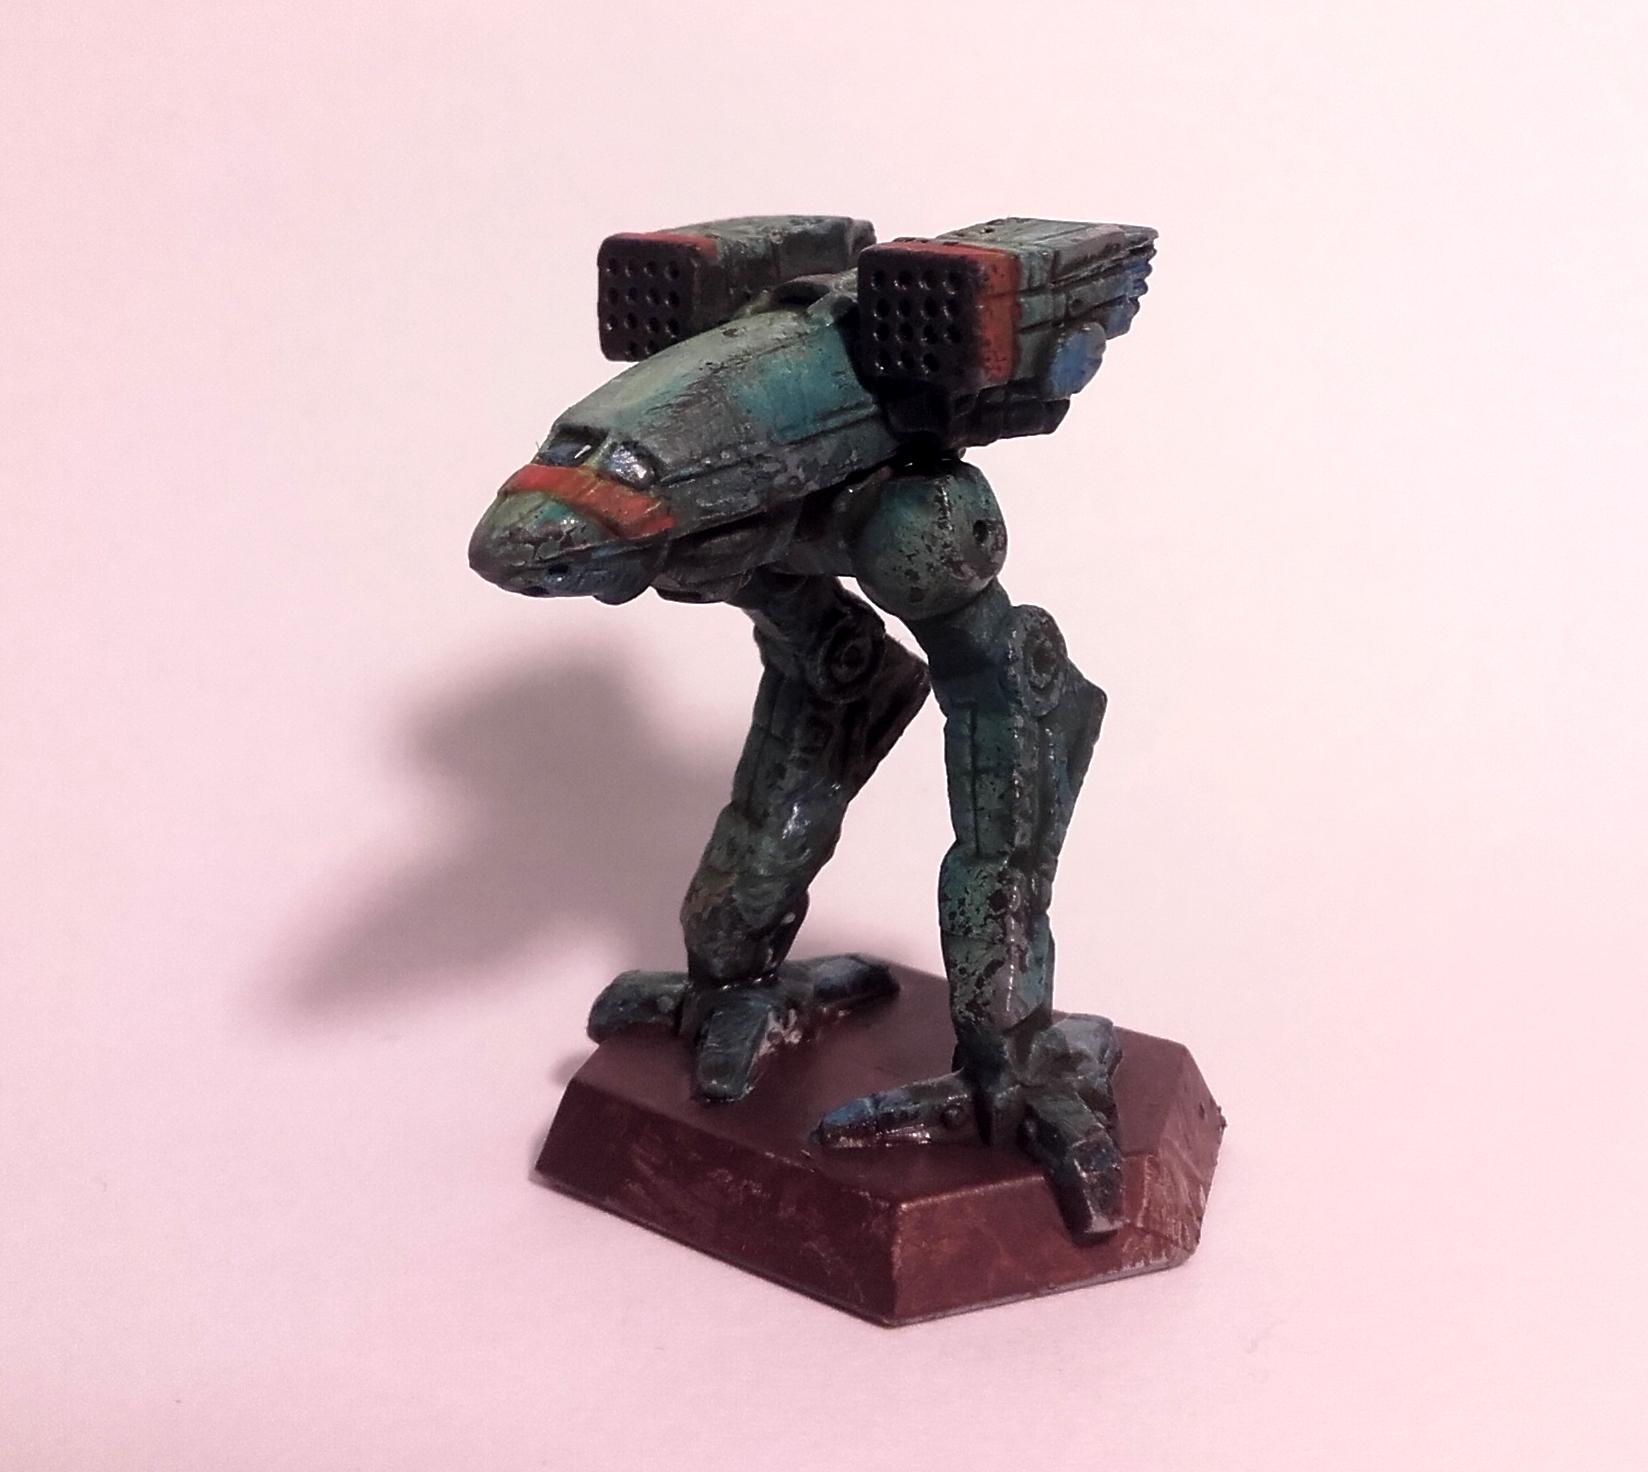 Catapult-C1 mini